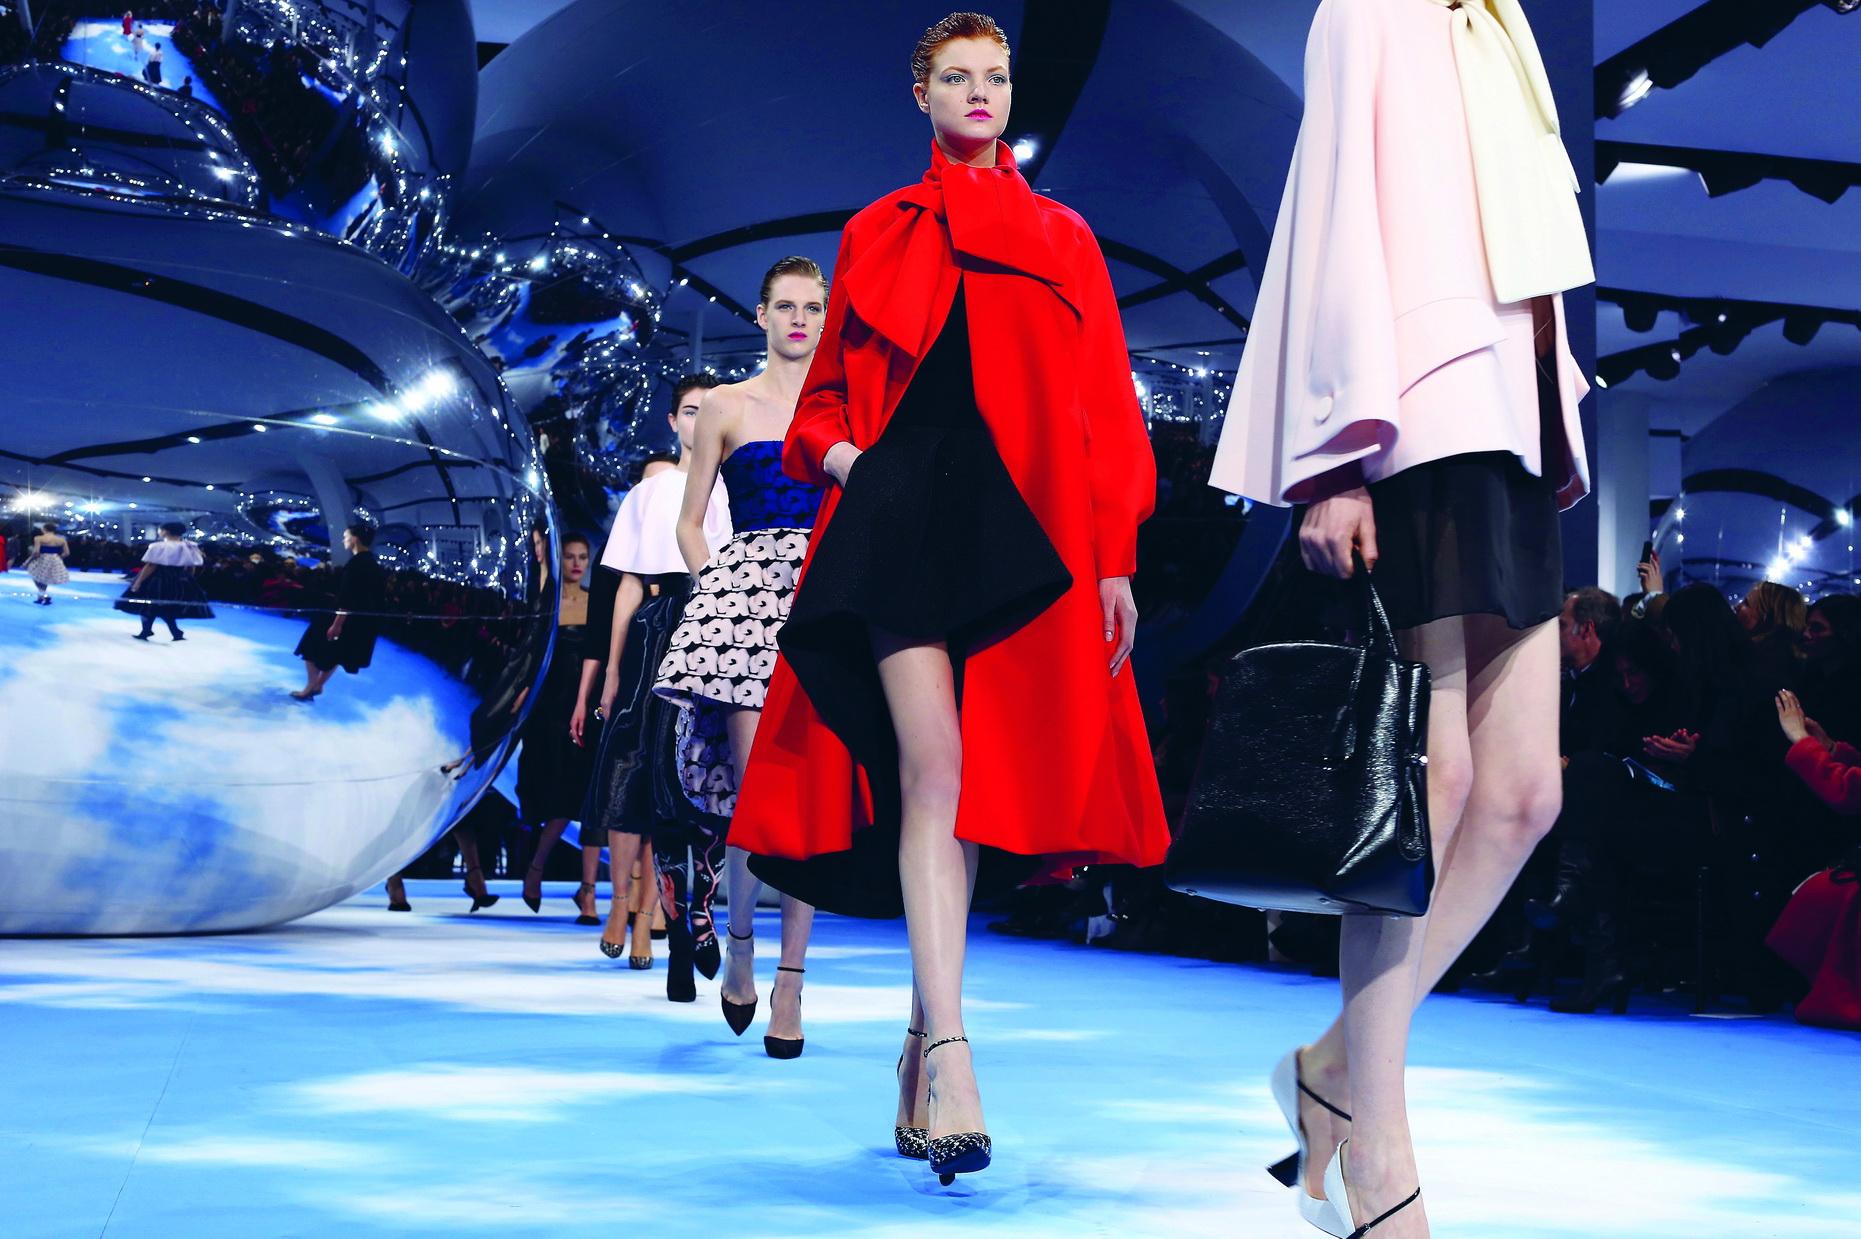 Christian Dior <br/>Diễn ra trong không khí thần tiên trên nền nhạc của Laurie Anderson với những quả cầu bạc lơ lửng tựa những đám mây, show diễn của NTK Raf Simons cho Dior làm mãn nhãn tất cả các khách mời. Cả thời trang và nghệ thuật (cảm hứng từ ông hoàng Pop-Art Andy Warhol) đã cùng thăng hoa!